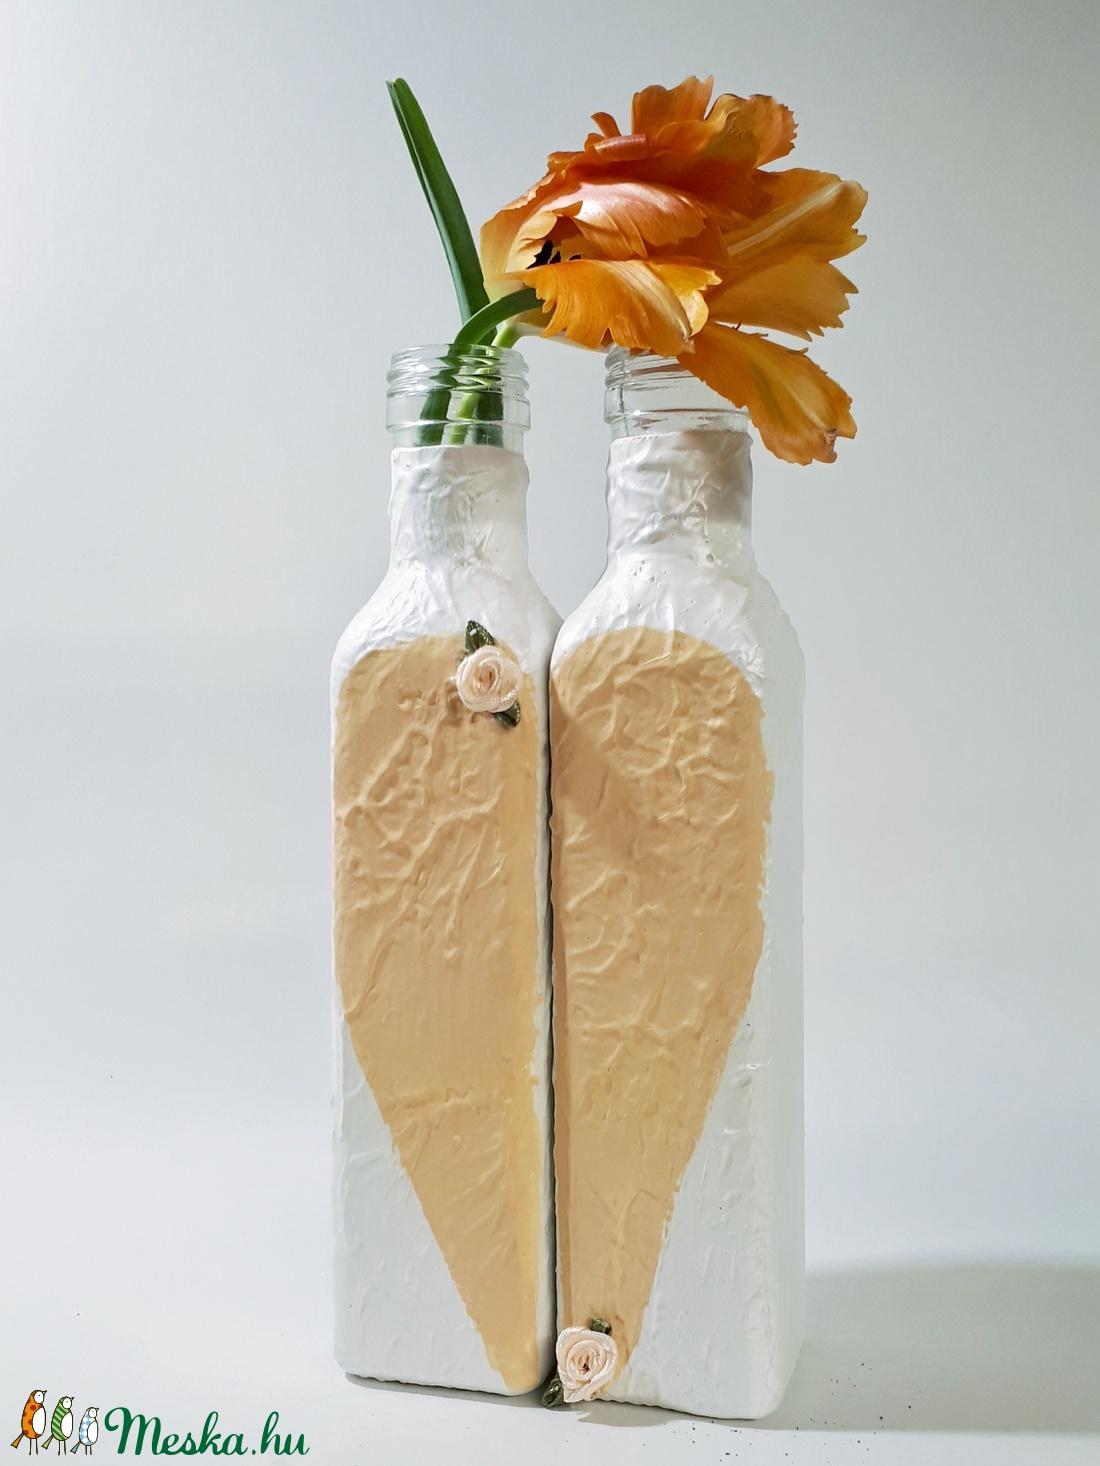 Két fél egy egész barack szives üveg váza tavaszi asztali dekoráció, ajándék nőnapra, anyáknapjára, szülinapra névnapra - Meska.hu